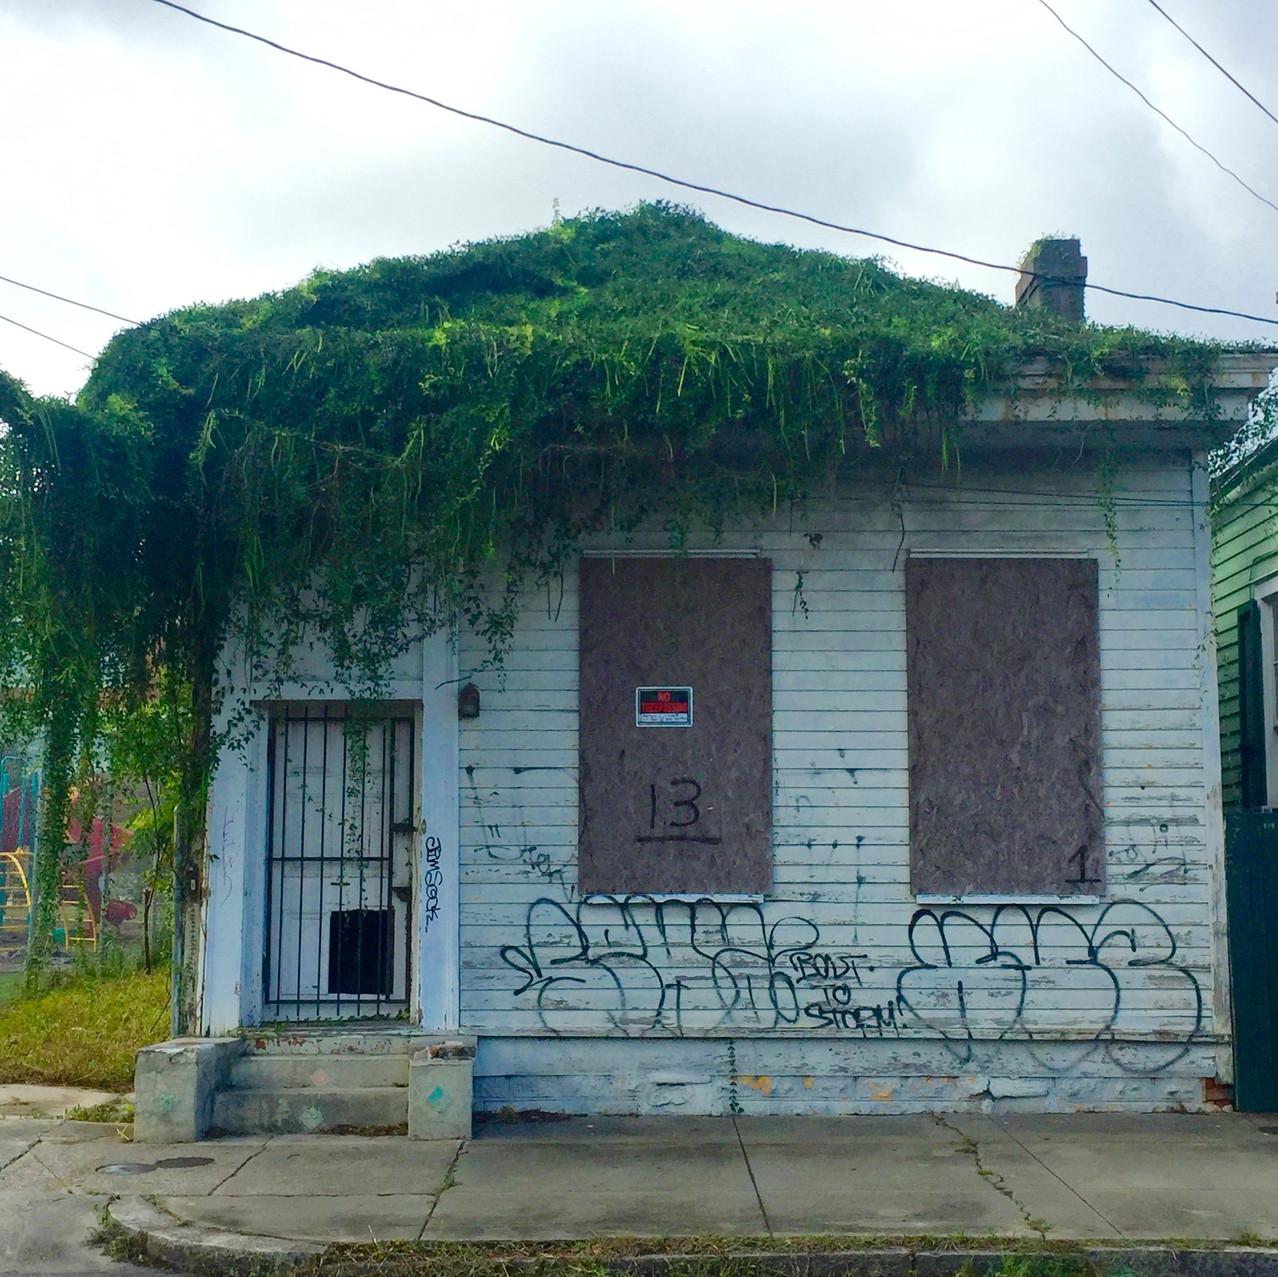 1428 Ursulines Avenue - Before Rehab